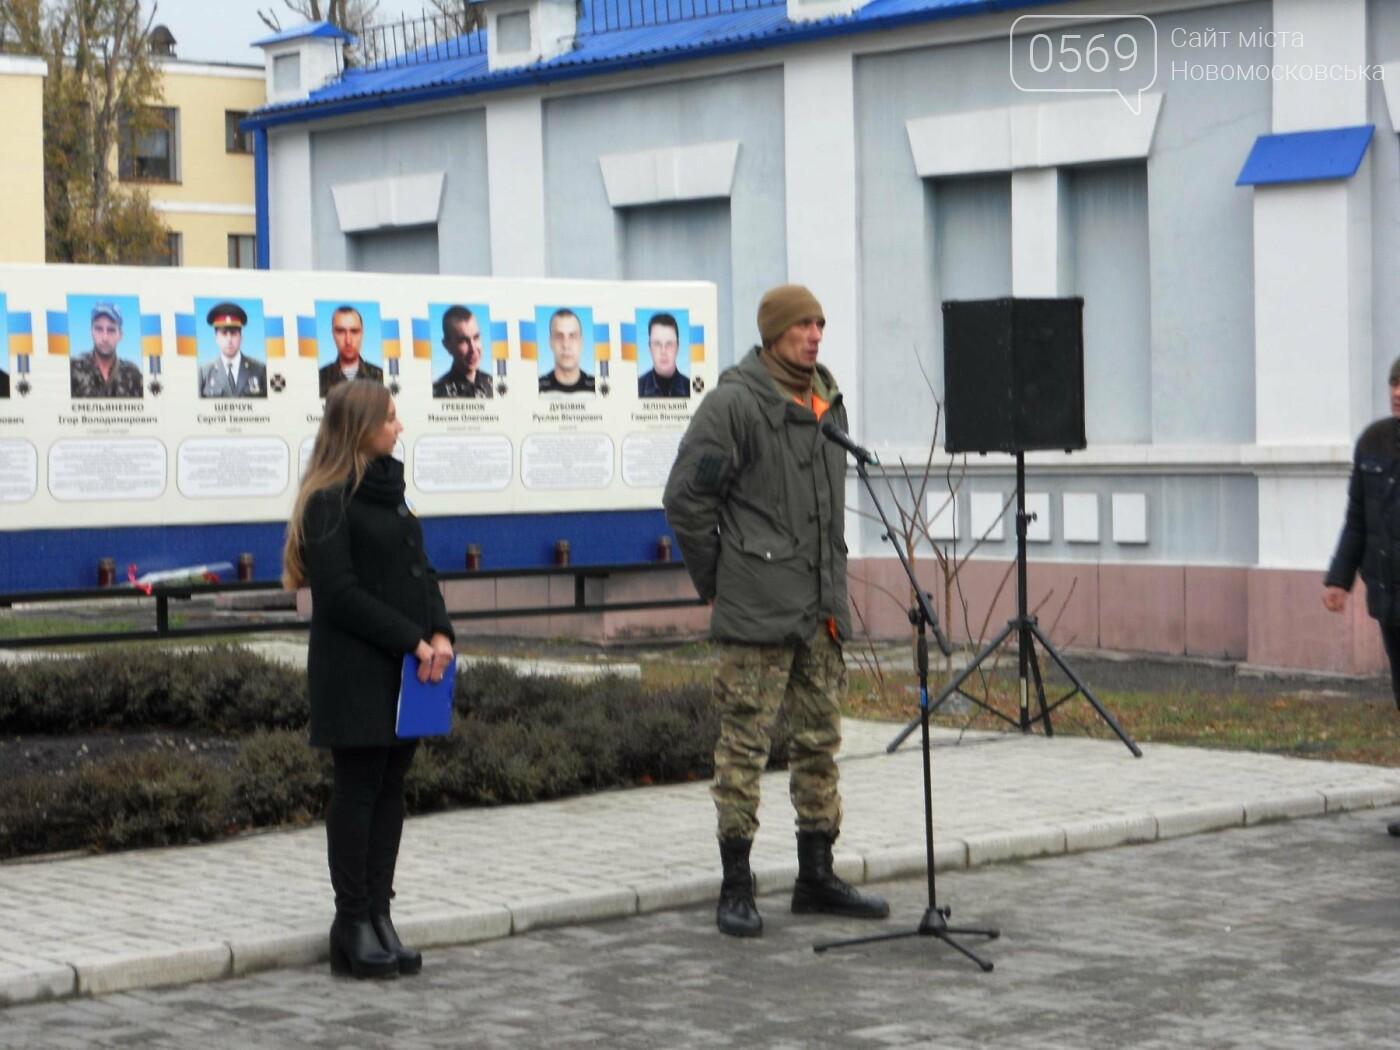 Як Новомосковськ відзначив День гідності та свободи, фото-3